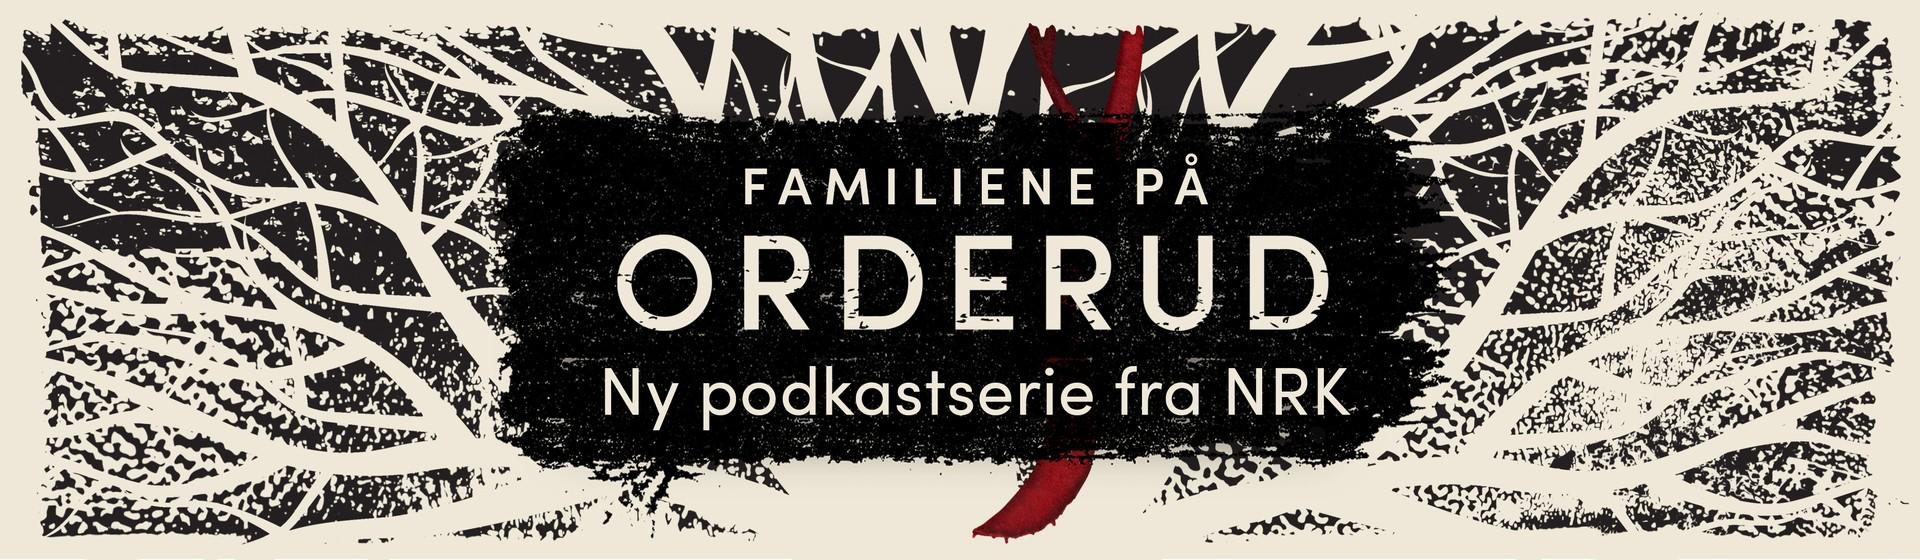 Fremhevet innhold: Familiene på Orderud